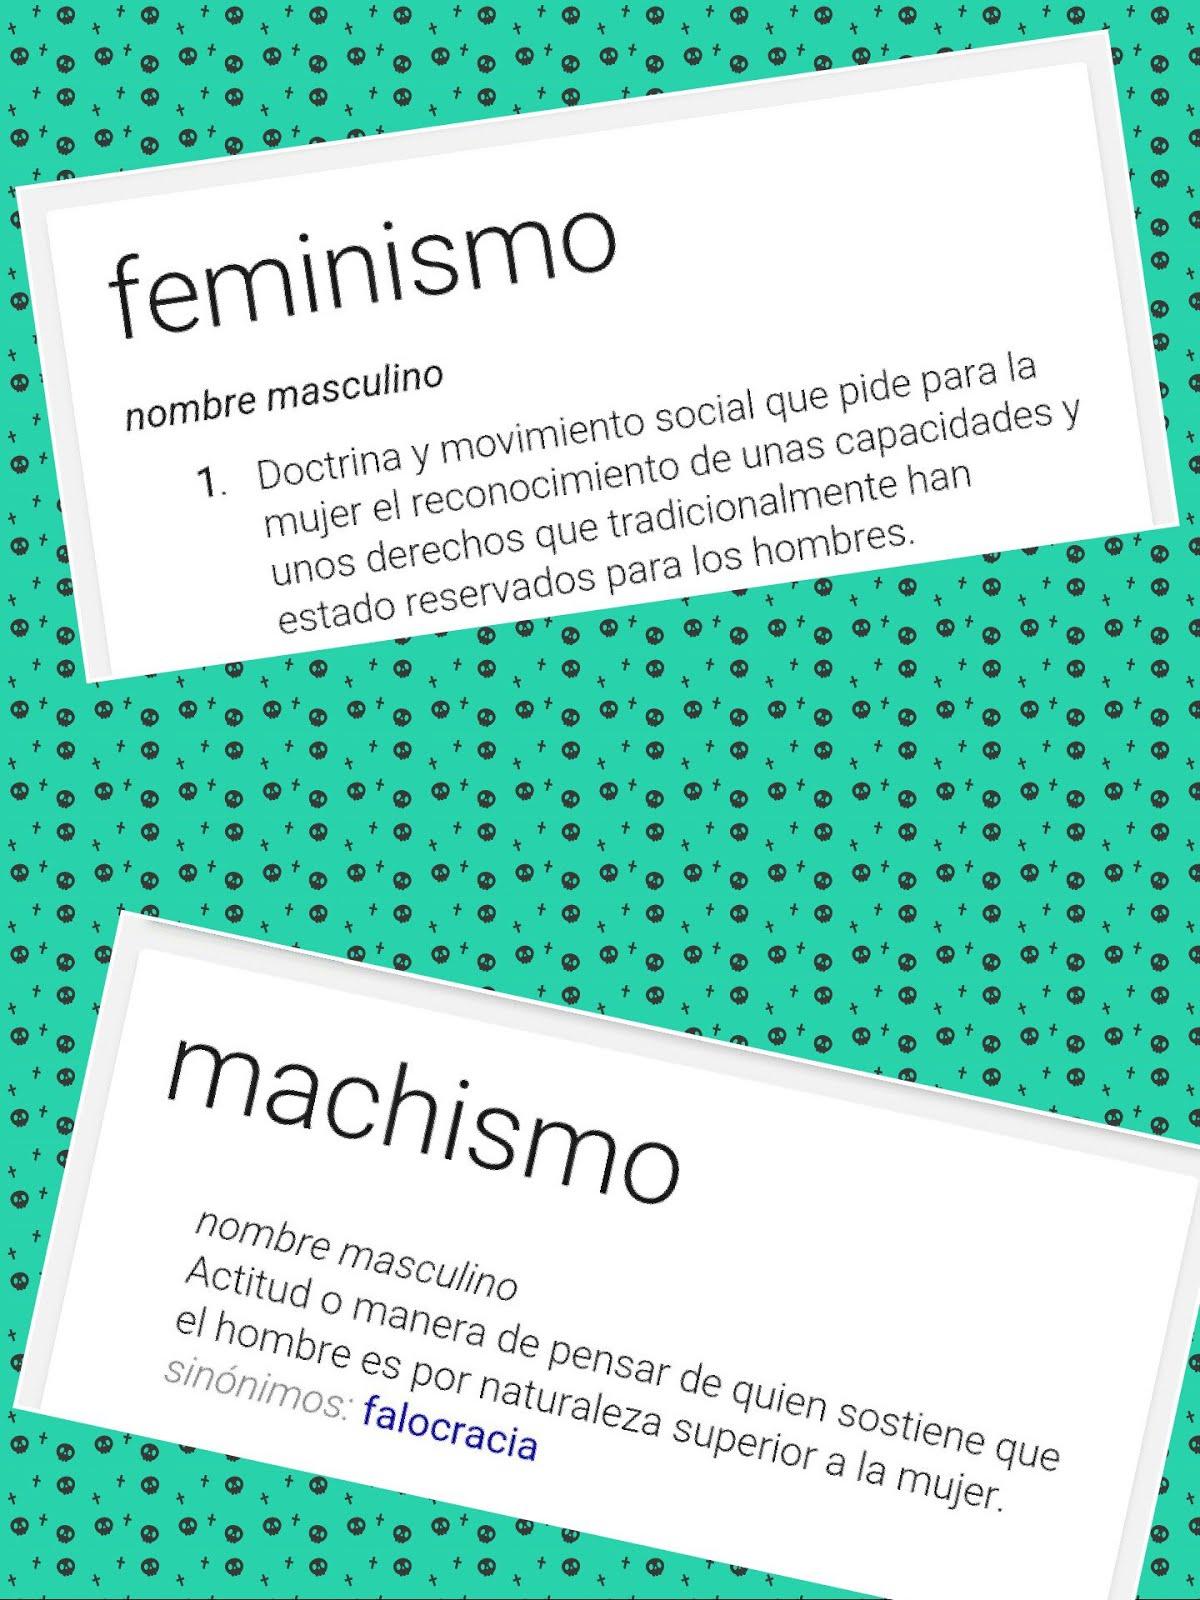 FEMINISMO / MACHISMO